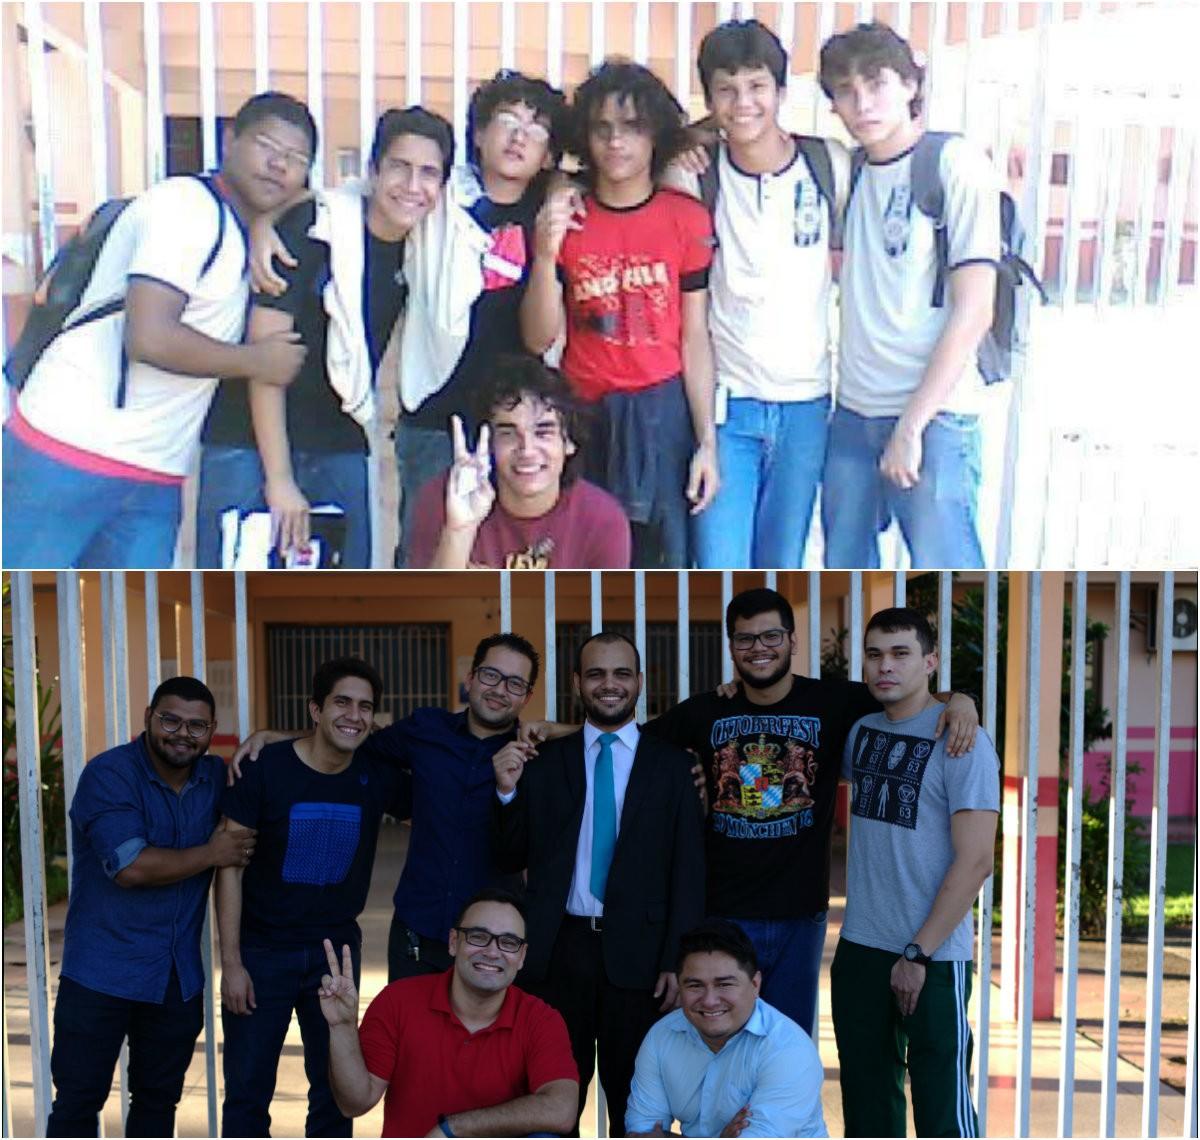 'Laços são tão fortes quanto família', define grupo de 8 homens sobre amizade iniciada na escola